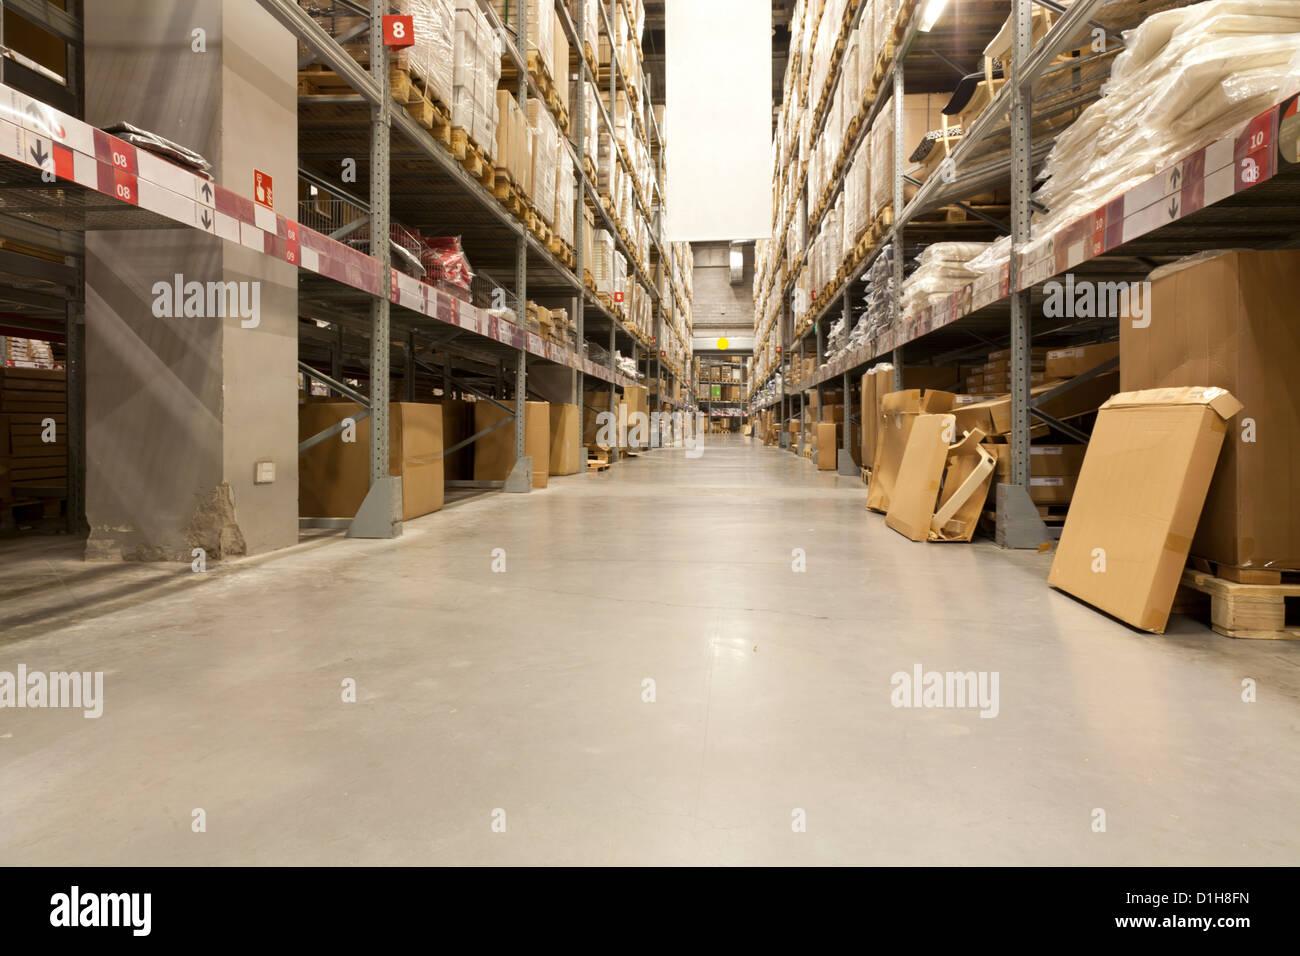 À l'intérieur d'un grand entrepôt de distribution Photo Stock